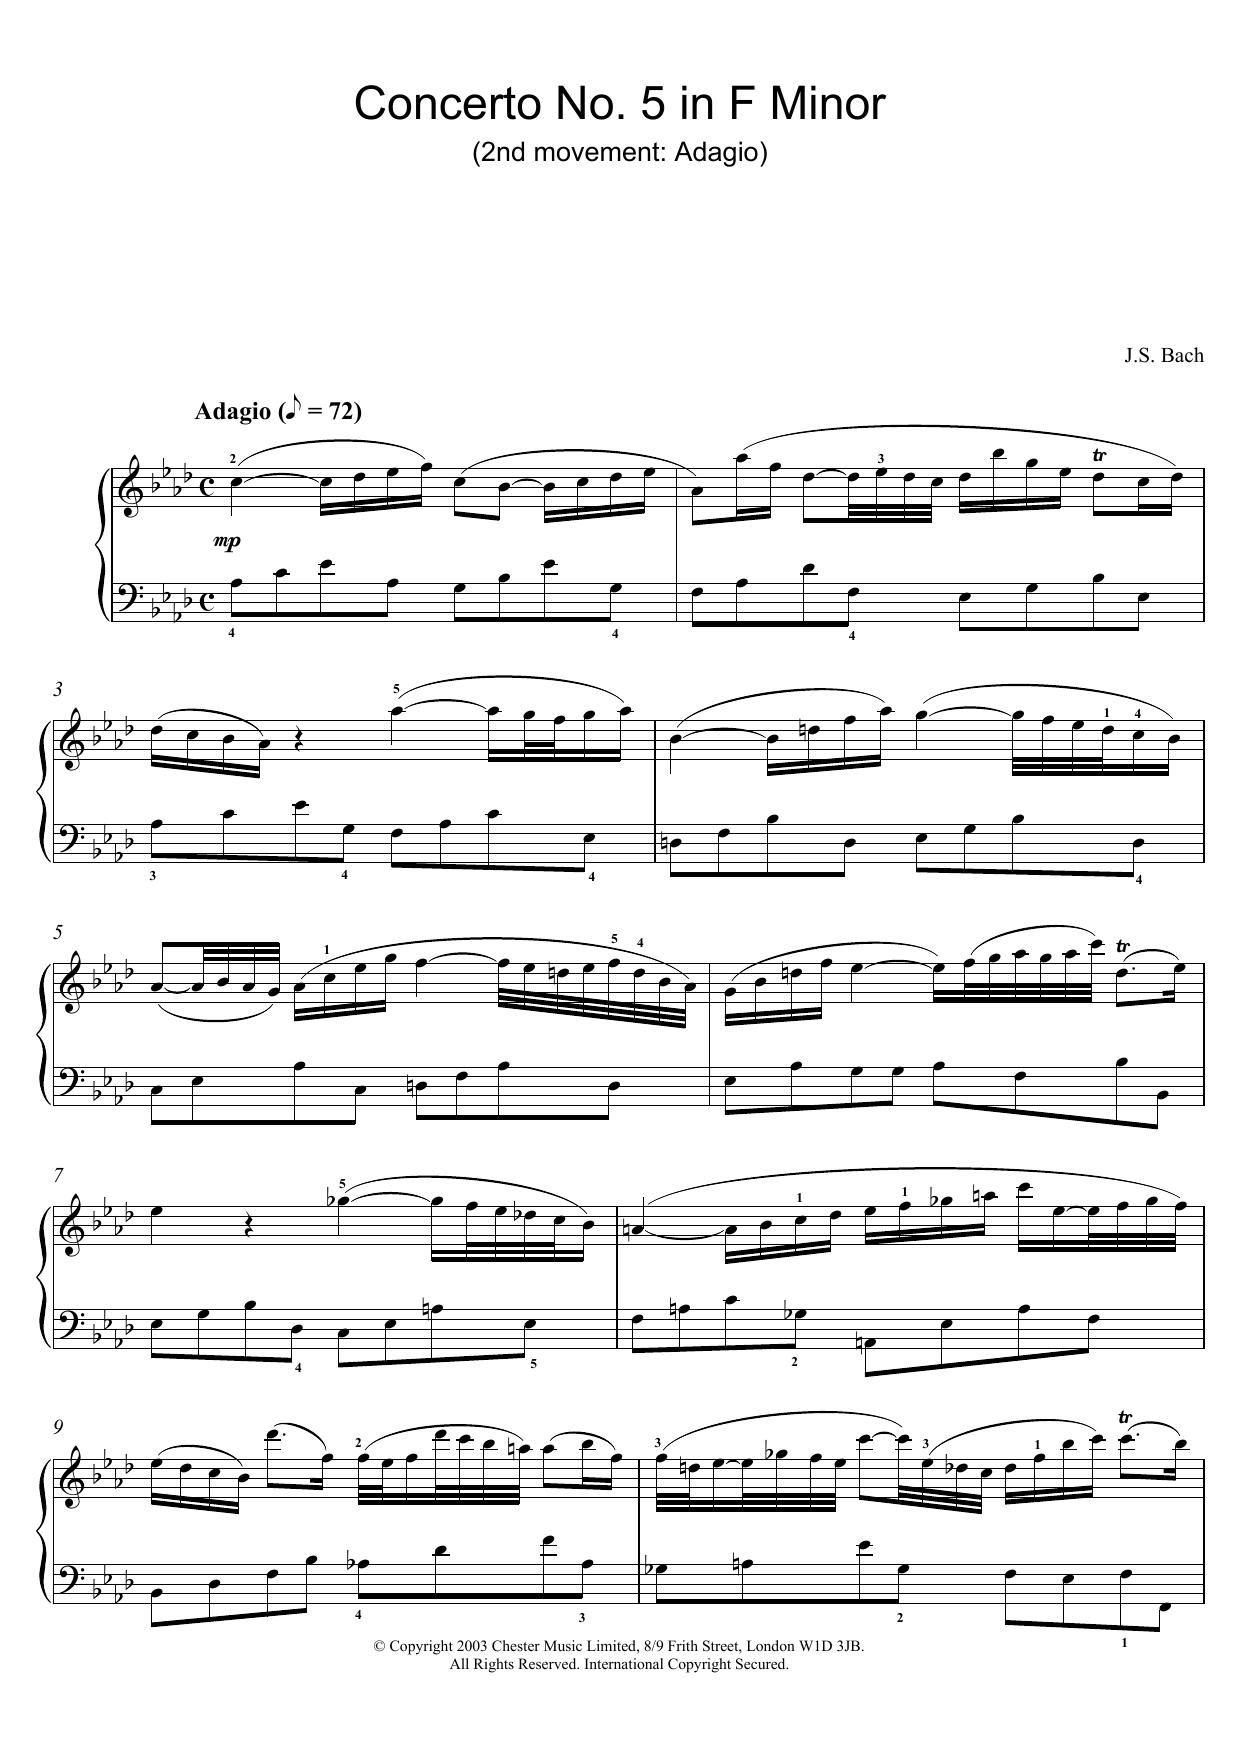 Piano Concerto No. 5 in F Minor (2nd movement: Adagio) sheet music